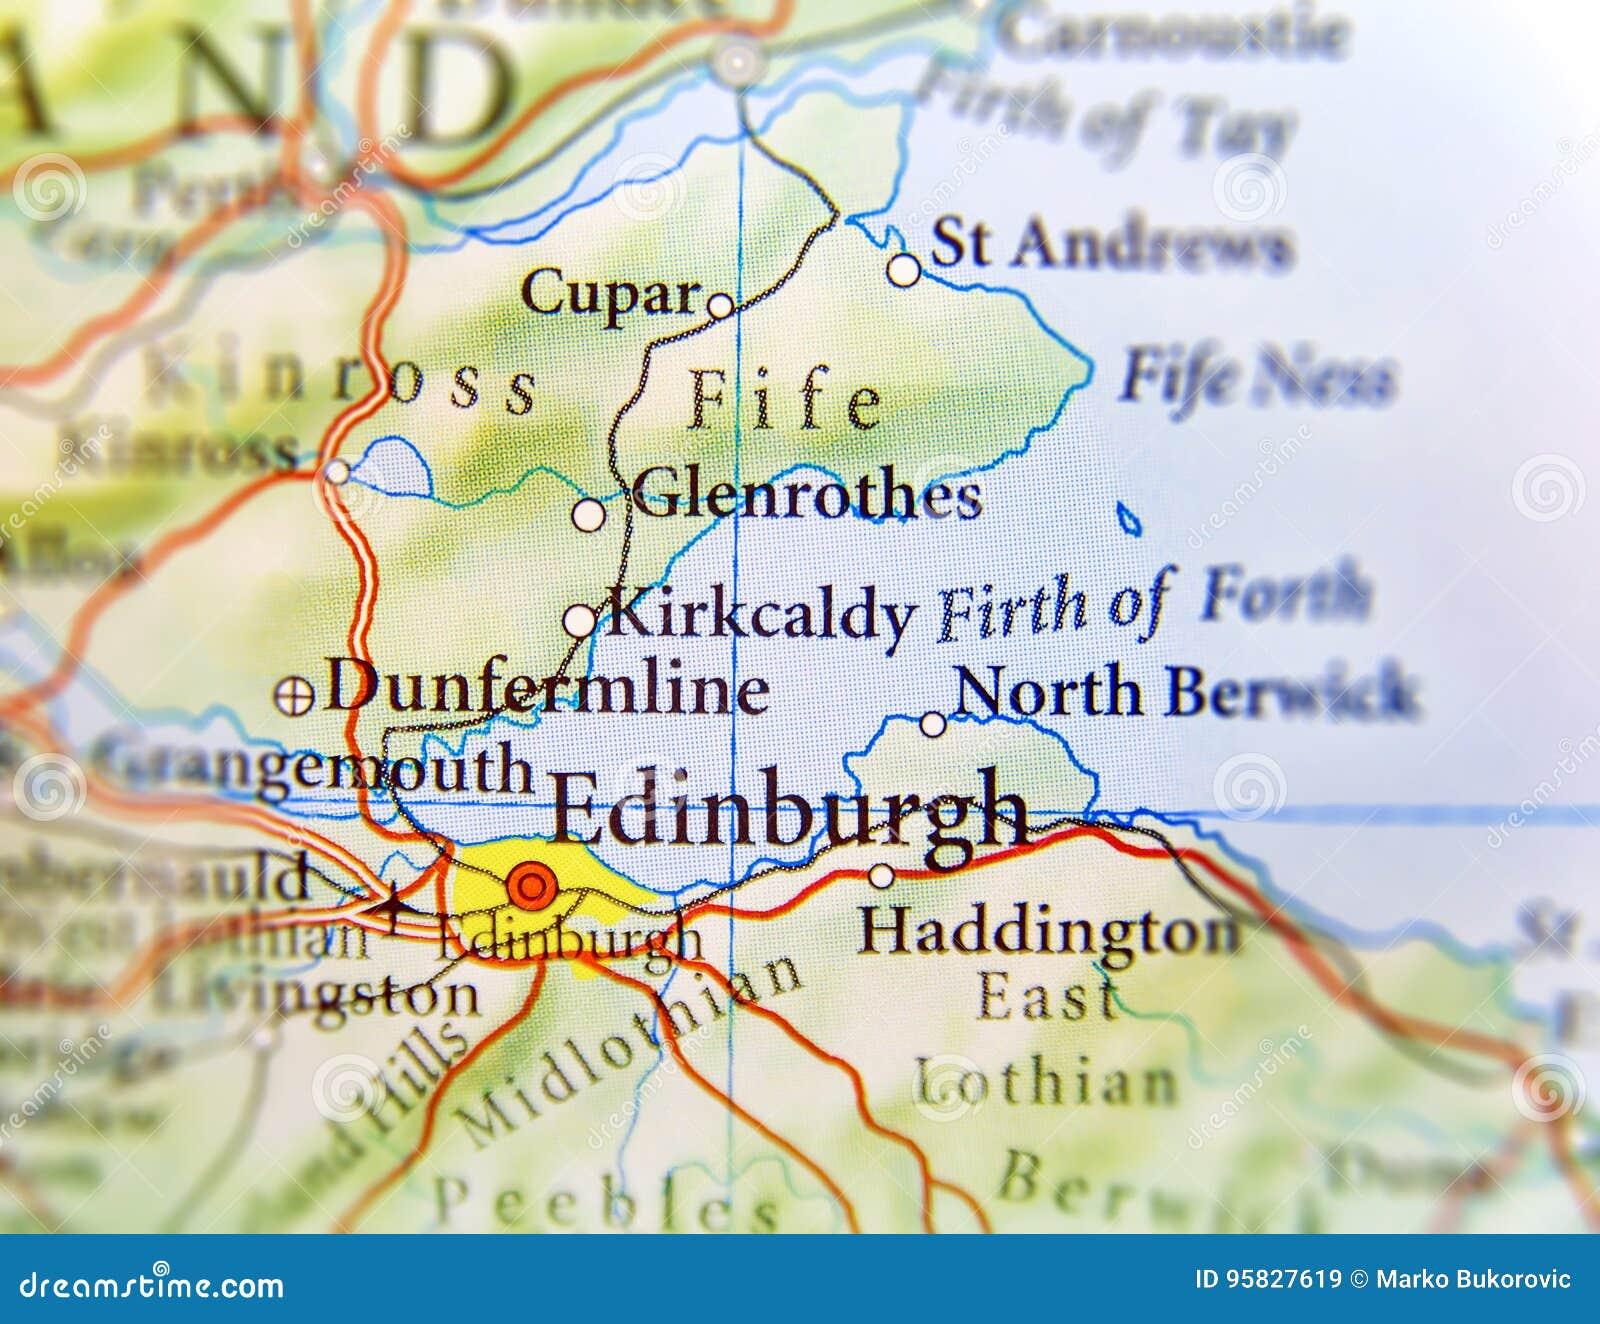 Cartina Geografica Della Scozia.Mappa Geografica Di Paese Europeo Scozia Con La Capitale Di Edimburgo Immagine Stock Immagine Di Destinazione Europeo 95827619